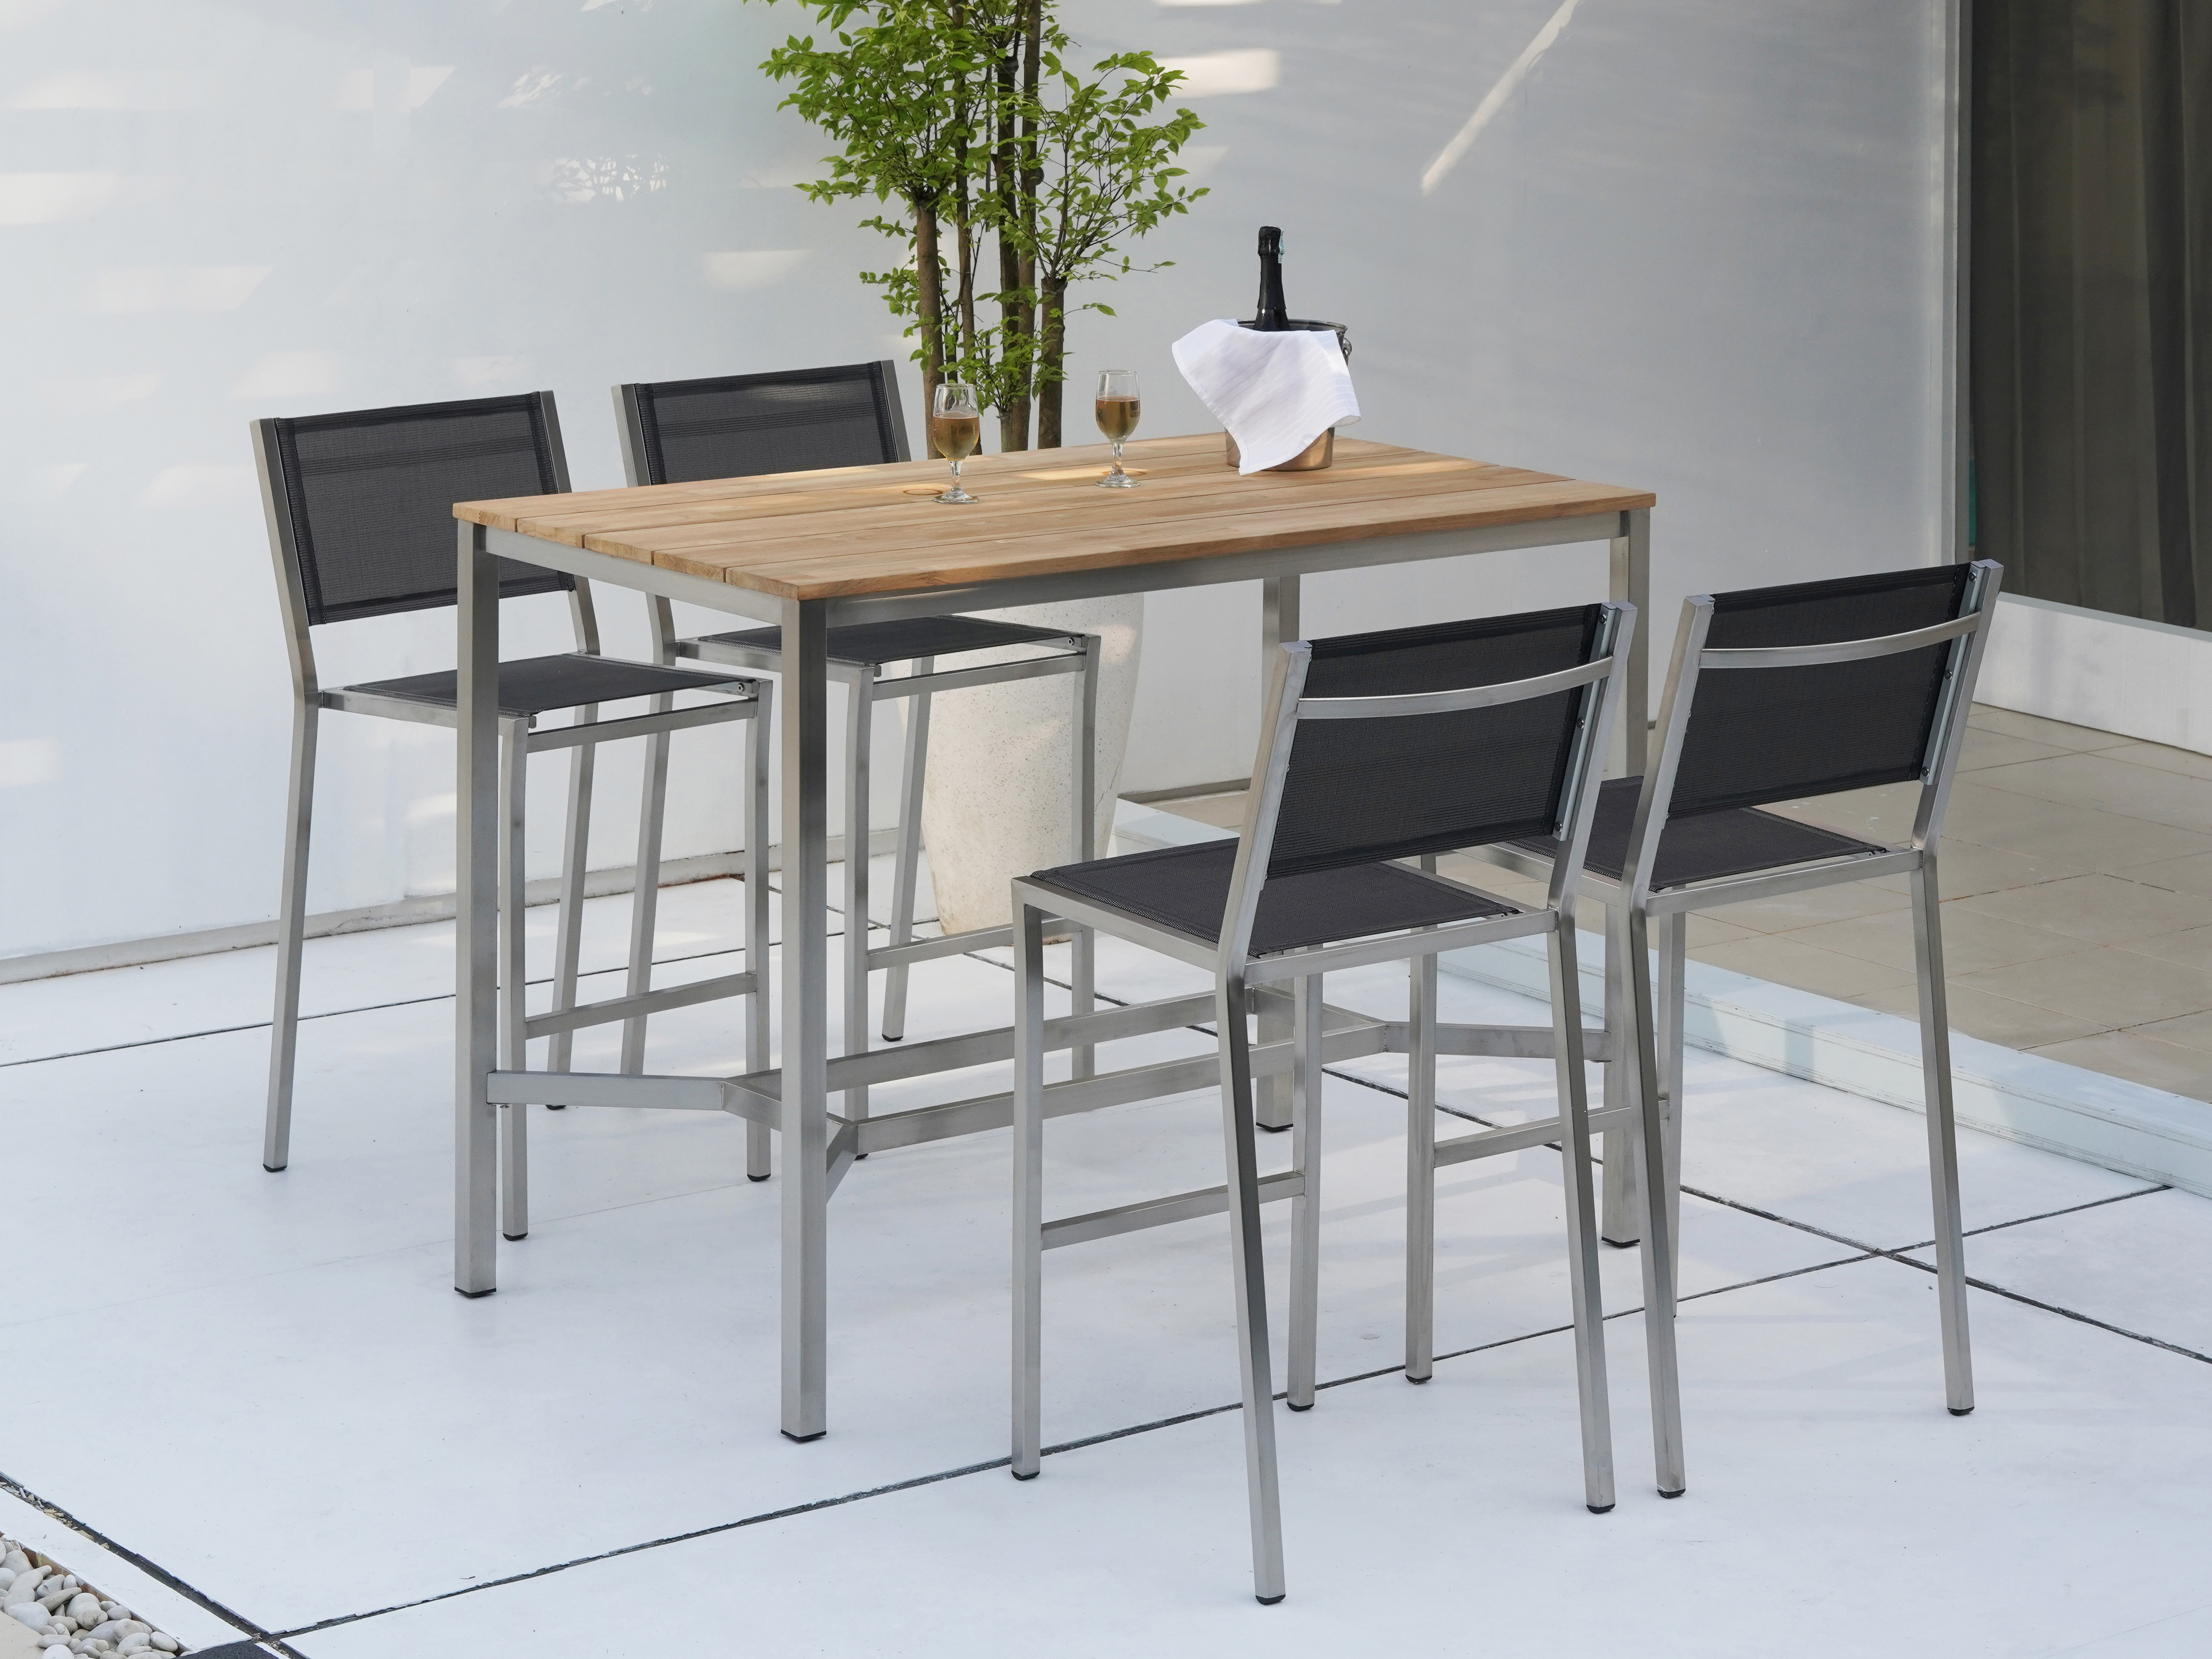 Zebra Gartenmöbel-Set Pontiac: Die Dekoration gehört nicht zum Lieferumfang.